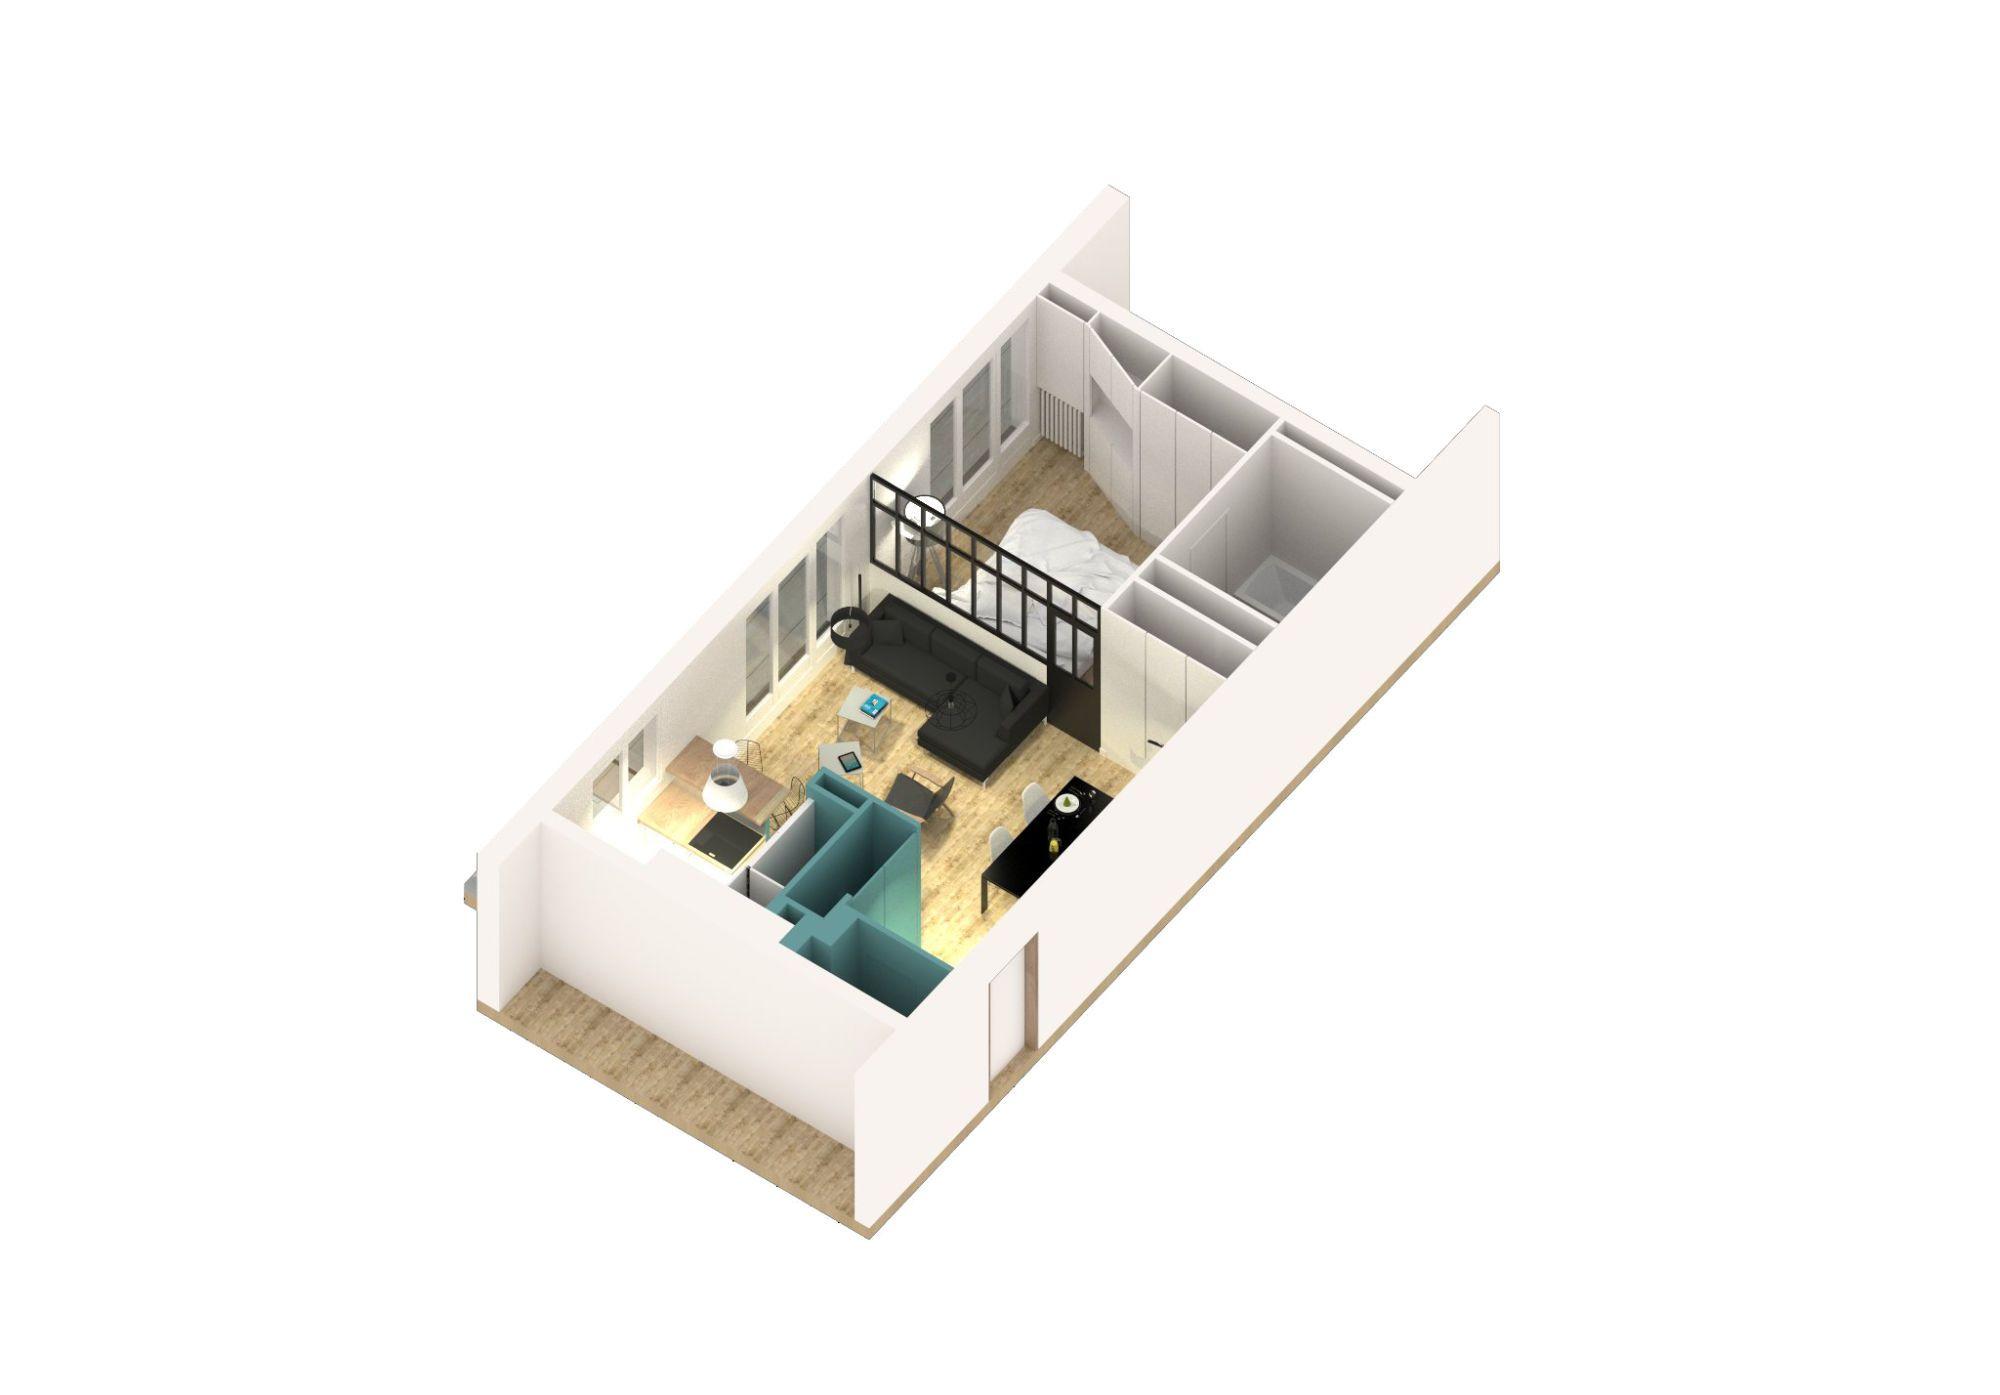 Maquette de l'aménagement tournée vers la chambre